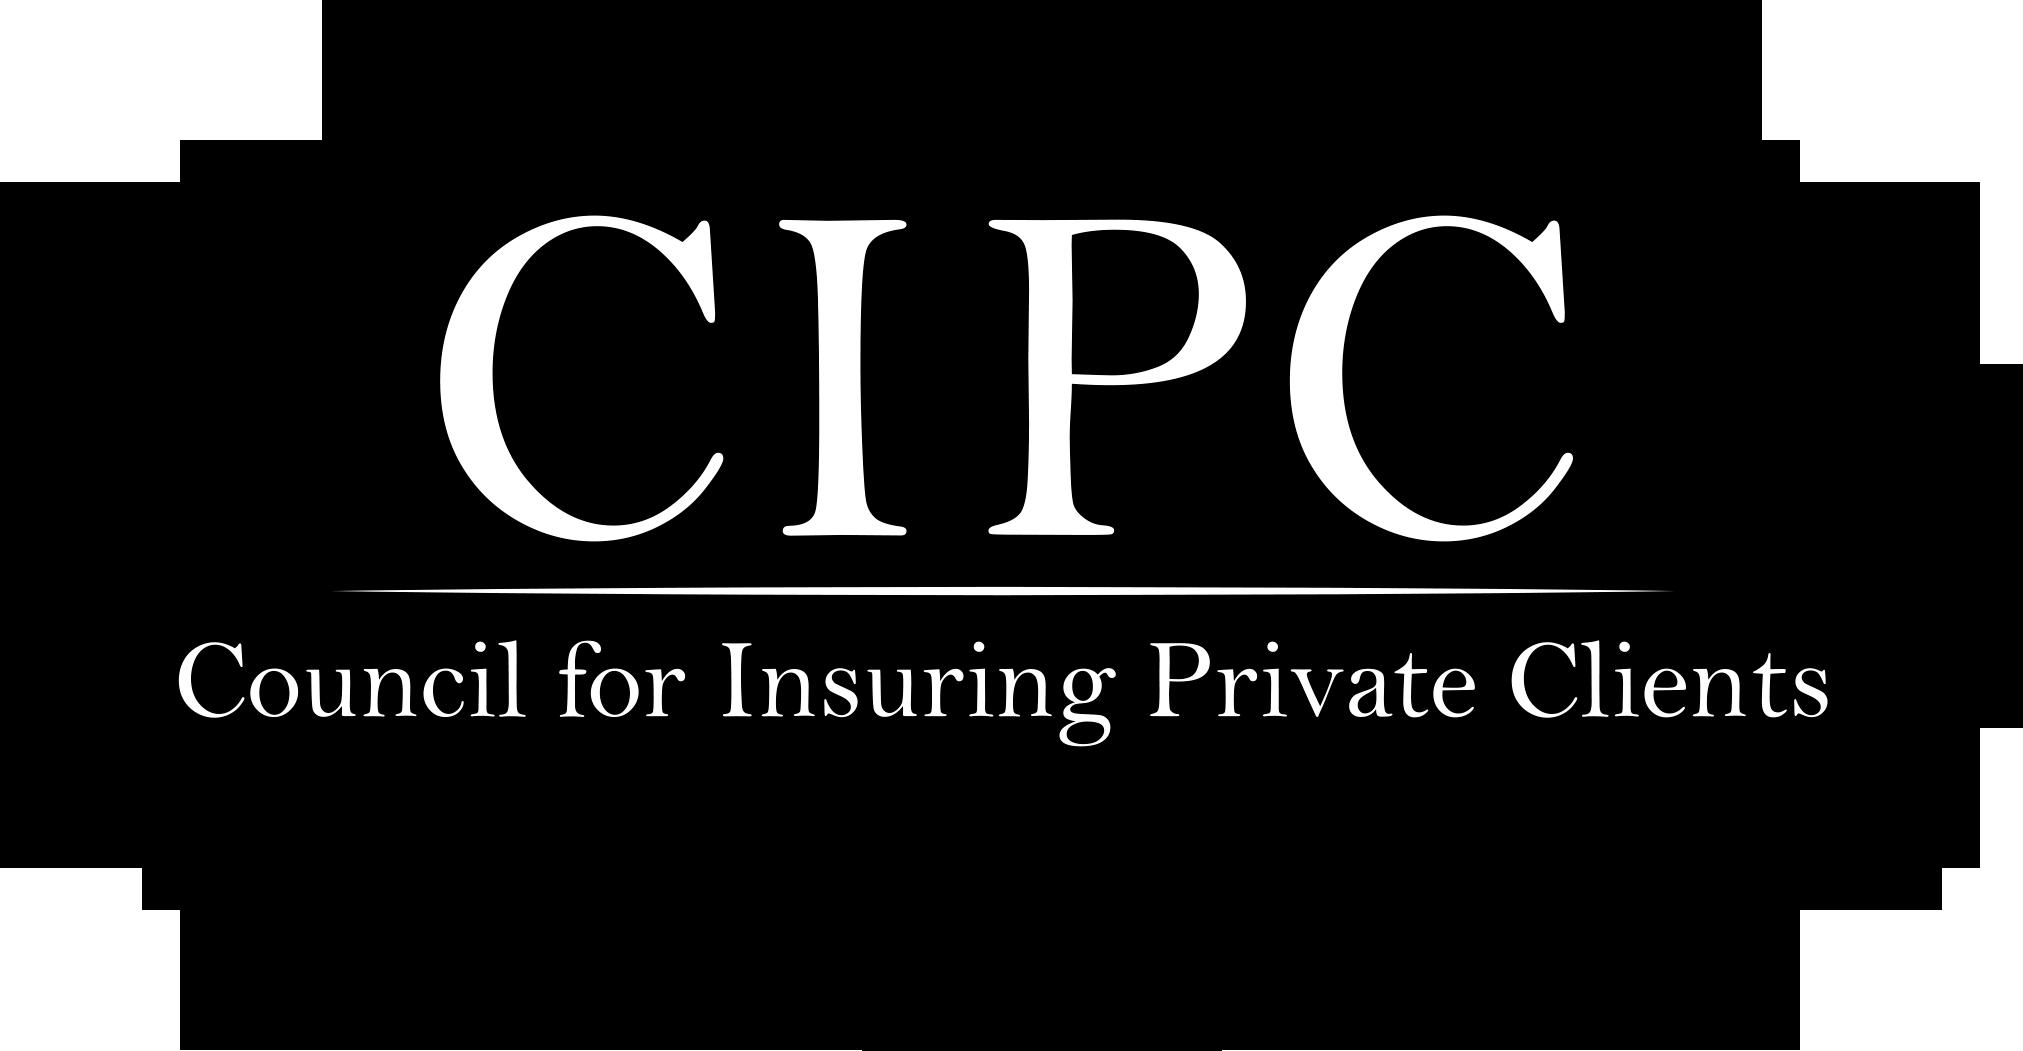 CIPC-Logo-2020